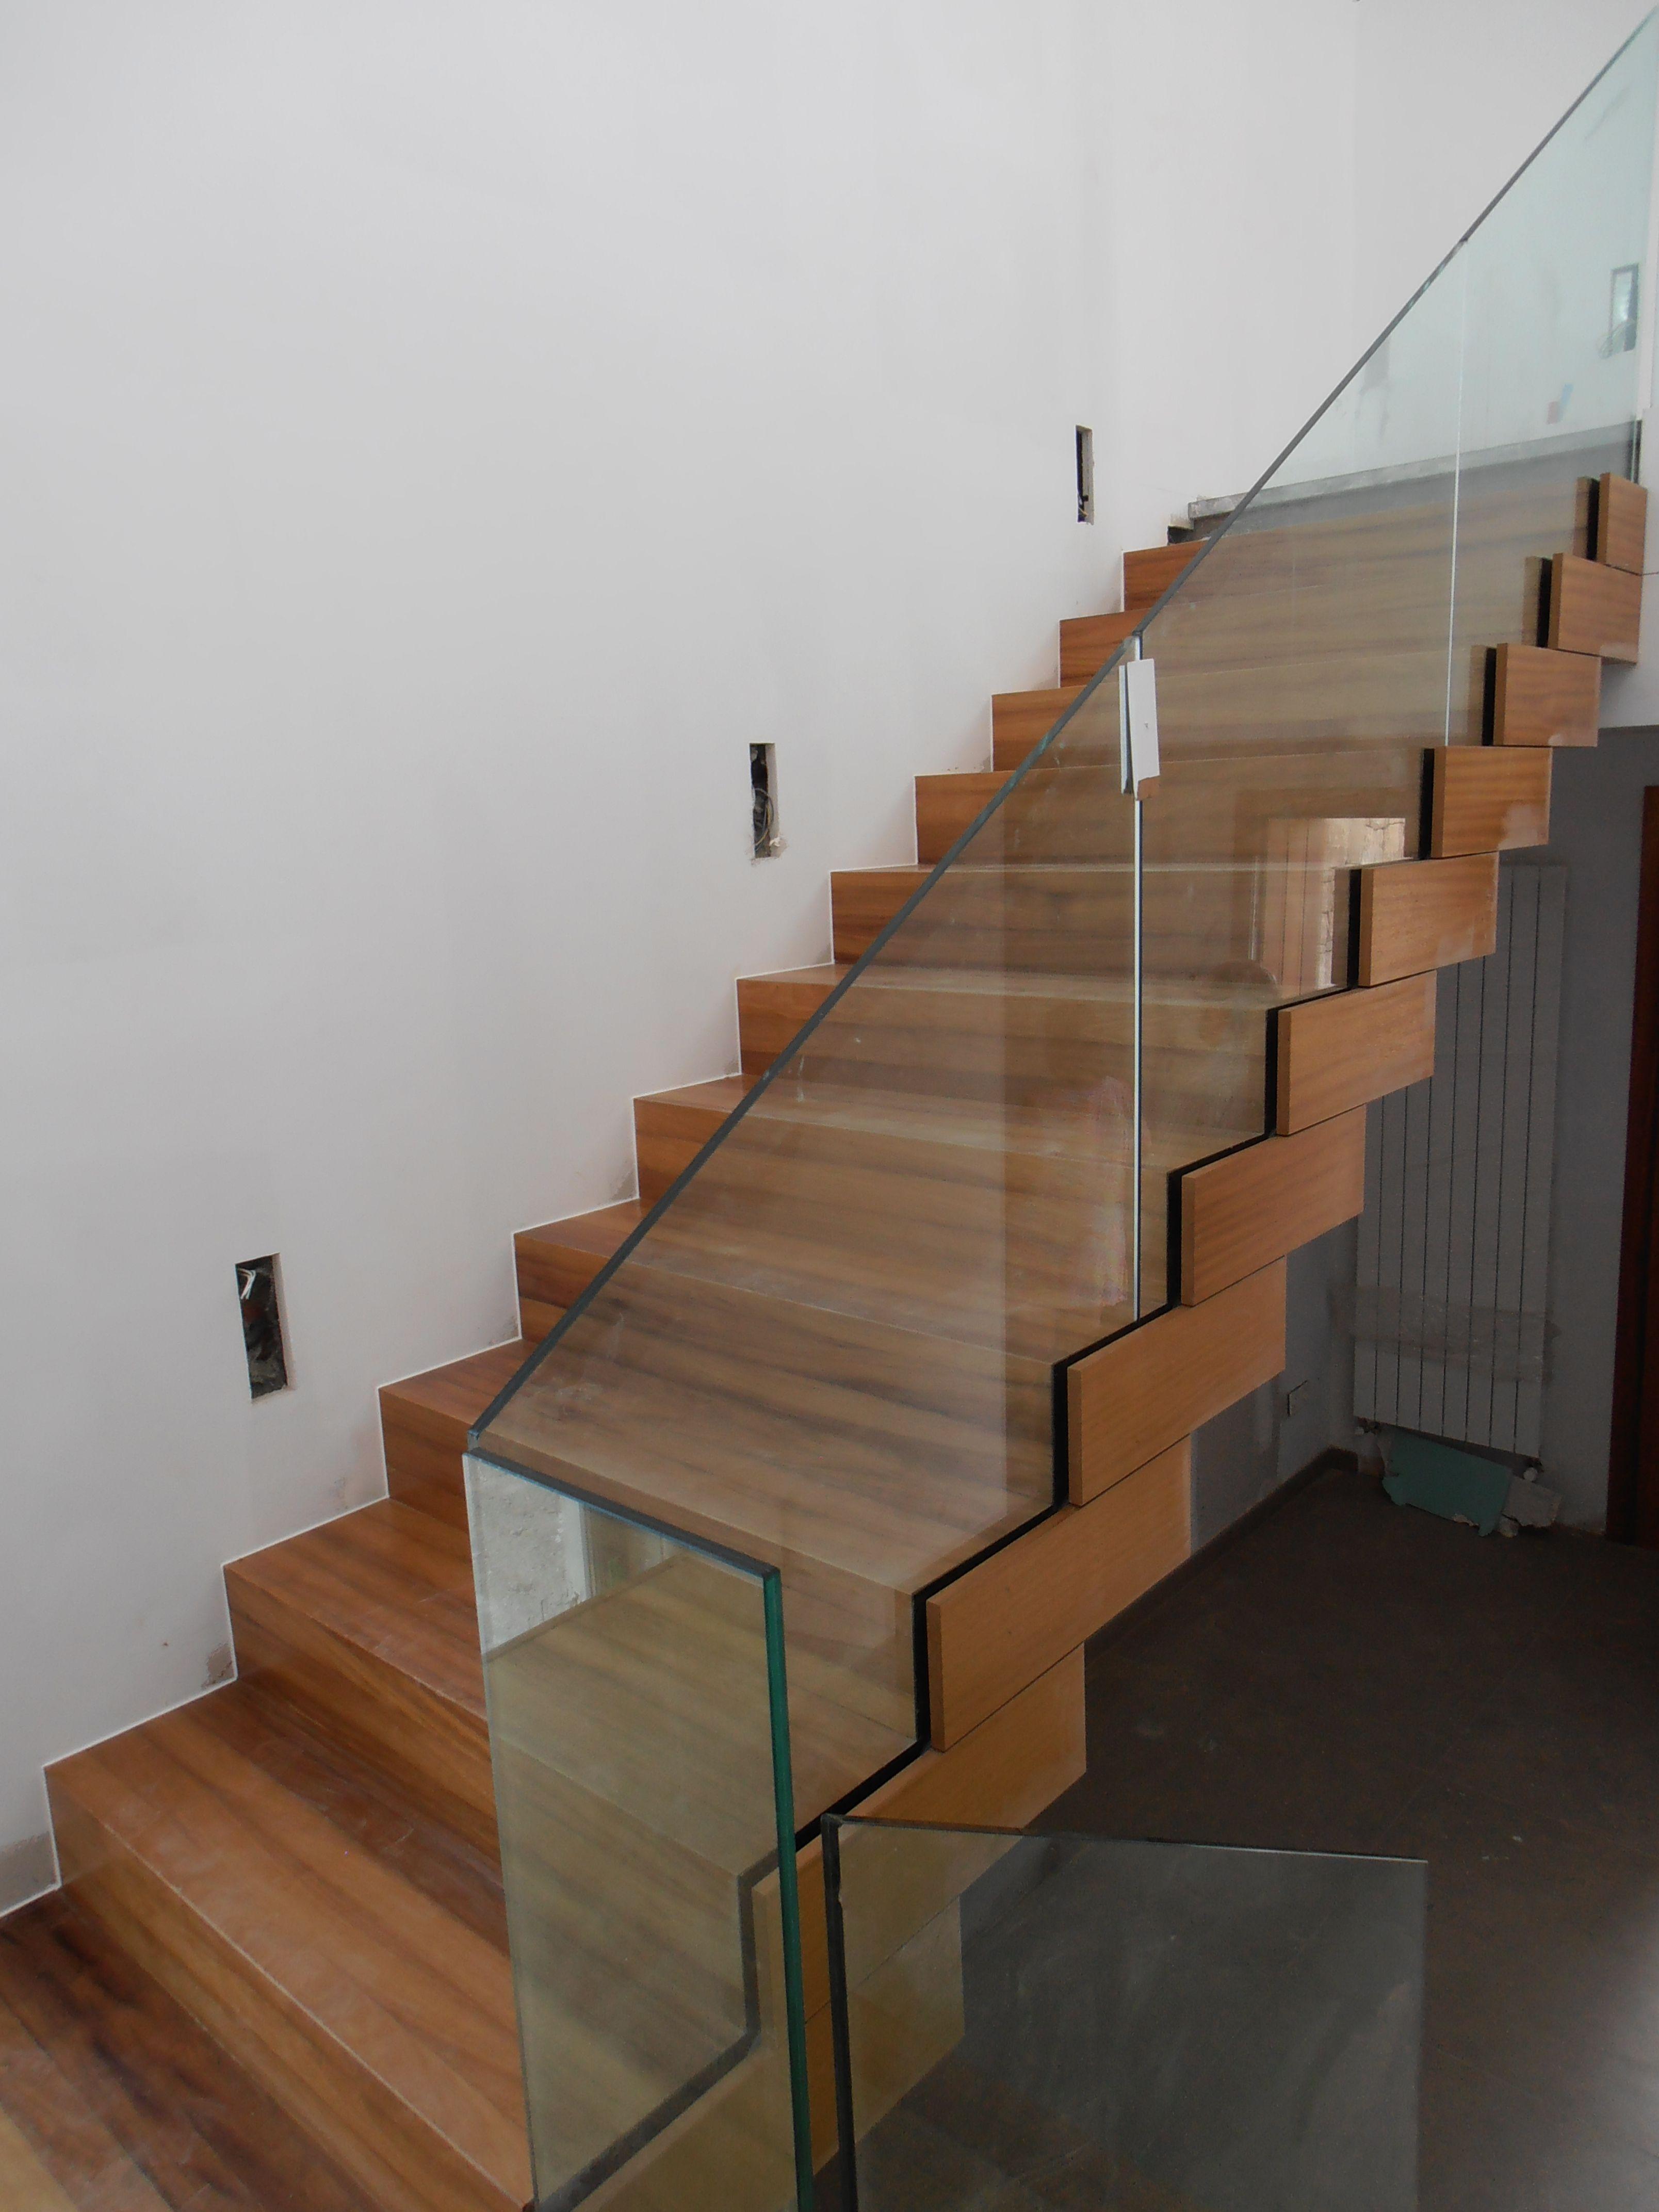 estado en obra la escalera est elaborada en madera y constituye la pieza central de